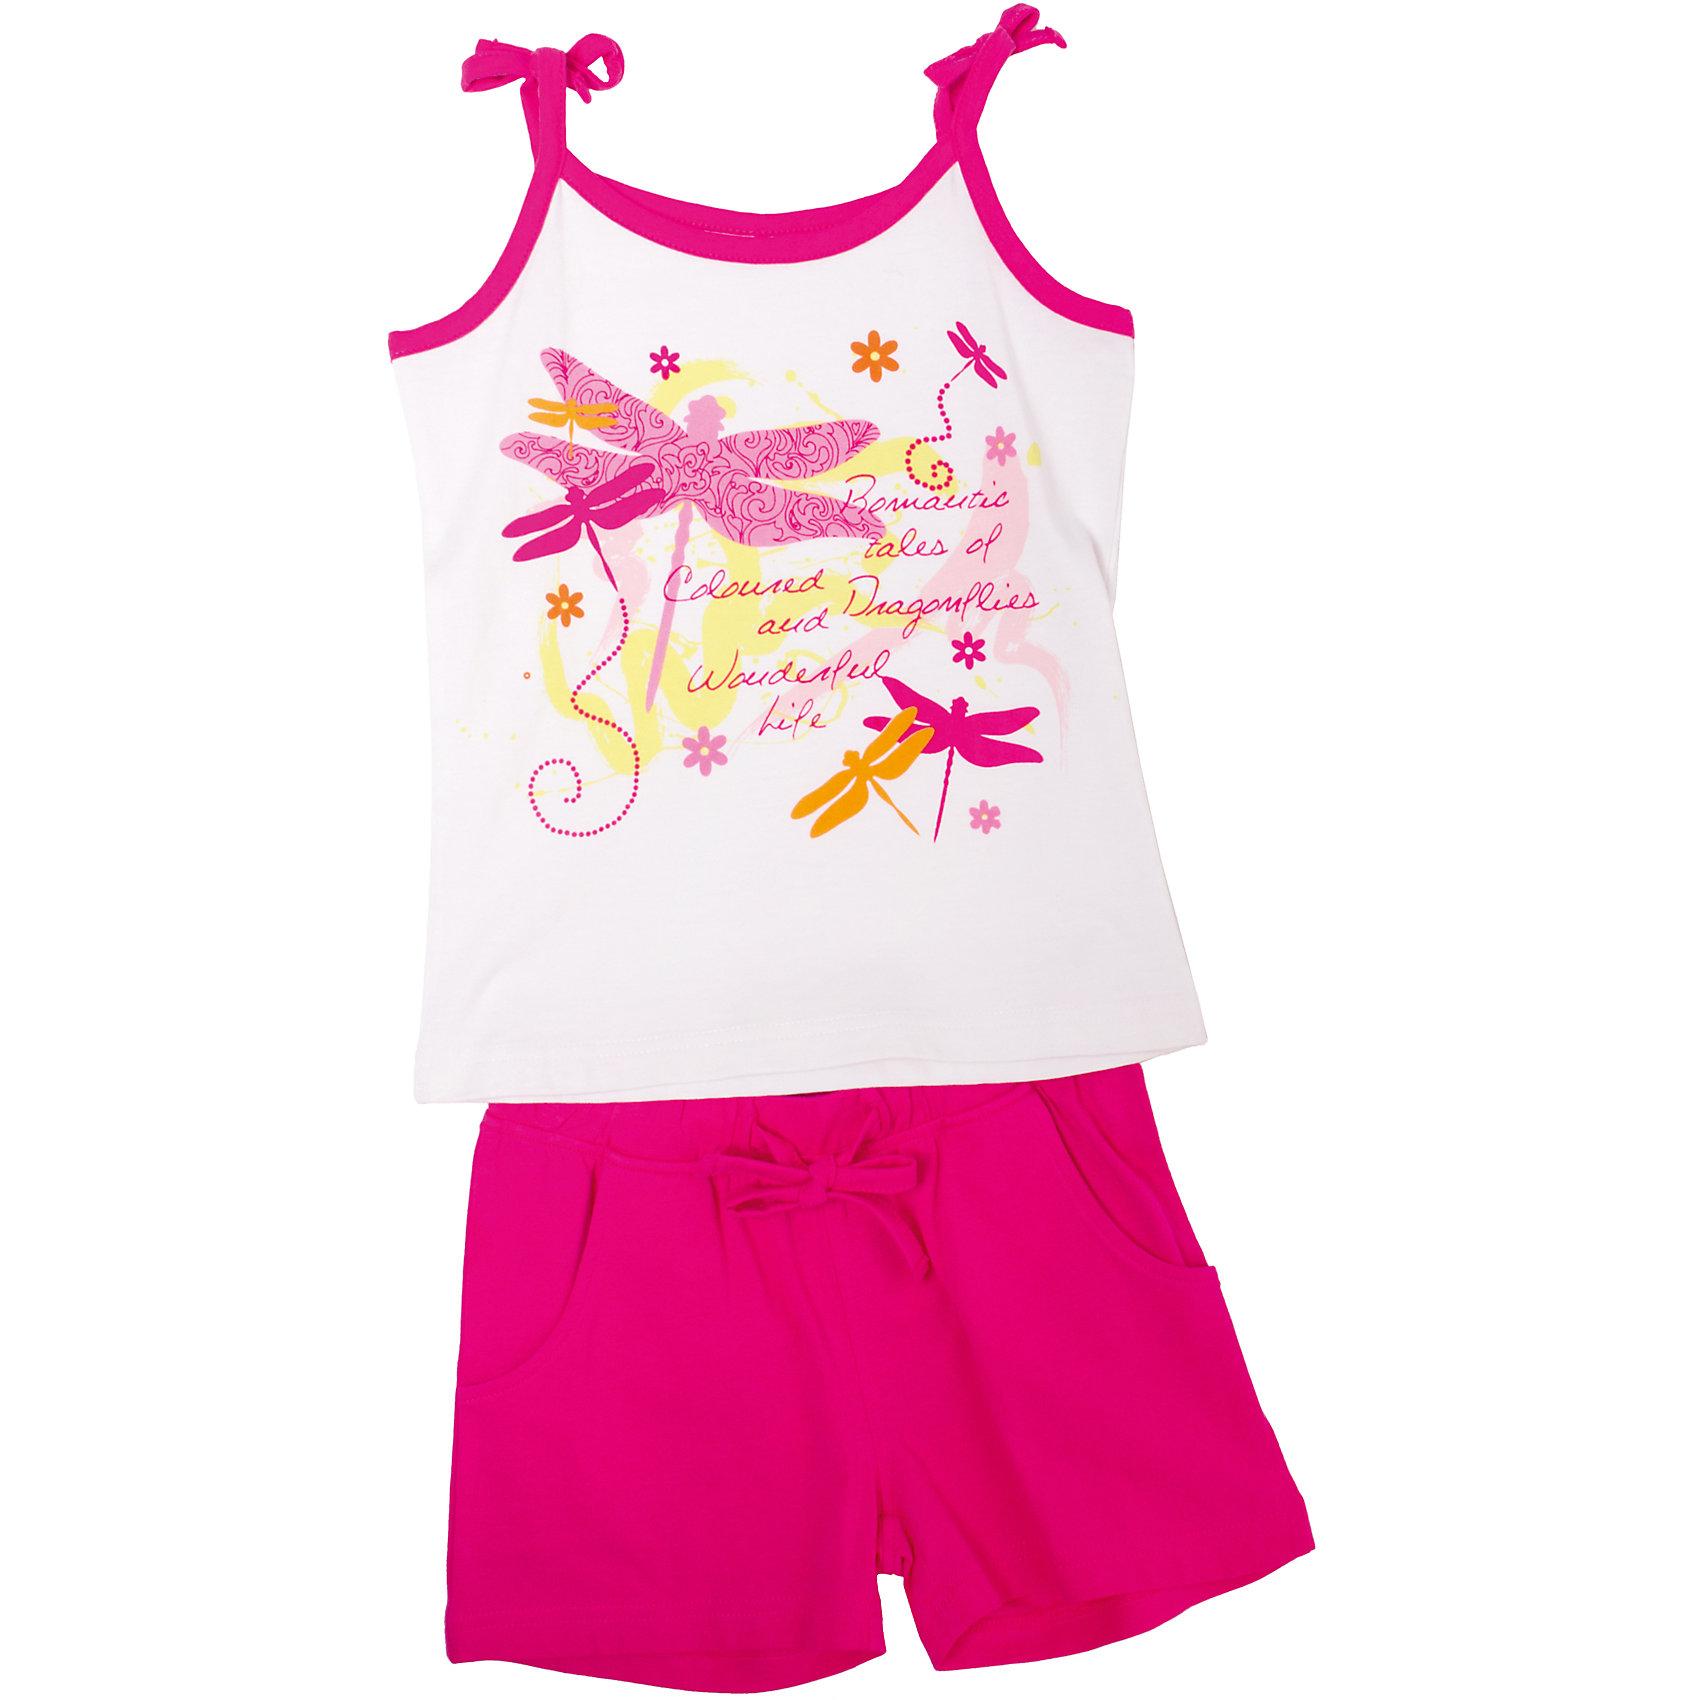 Комплект для девочки: футболка и шорты PlayTodayКомплекты<br>Комплект для девочки: футболка и шорты от известного бренда PlayToday <br>Прекрасный комплект на жаркую погоду для девочки <br>Футболка обработана контрастной бейкой <br>Завязочки на плечиках <br>Футболочка принтована разноцветными стрекозками <br>Шорты трикотажные дополненыдвумя функциональными карманами <br>Пояс на резинке украшенный тесьмой в тон изделия <br>Состав: 95% хлопок, 5% эластан<br><br>Ширина мм: 199<br>Глубина мм: 10<br>Высота мм: 161<br>Вес г: 151<br>Цвет: белый<br>Возраст от месяцев: 60<br>Возраст до месяцев: 72<br>Пол: Женский<br>Возраст: Детский<br>Размер: 116,98,104,110,122,128<br>SKU: 3978024